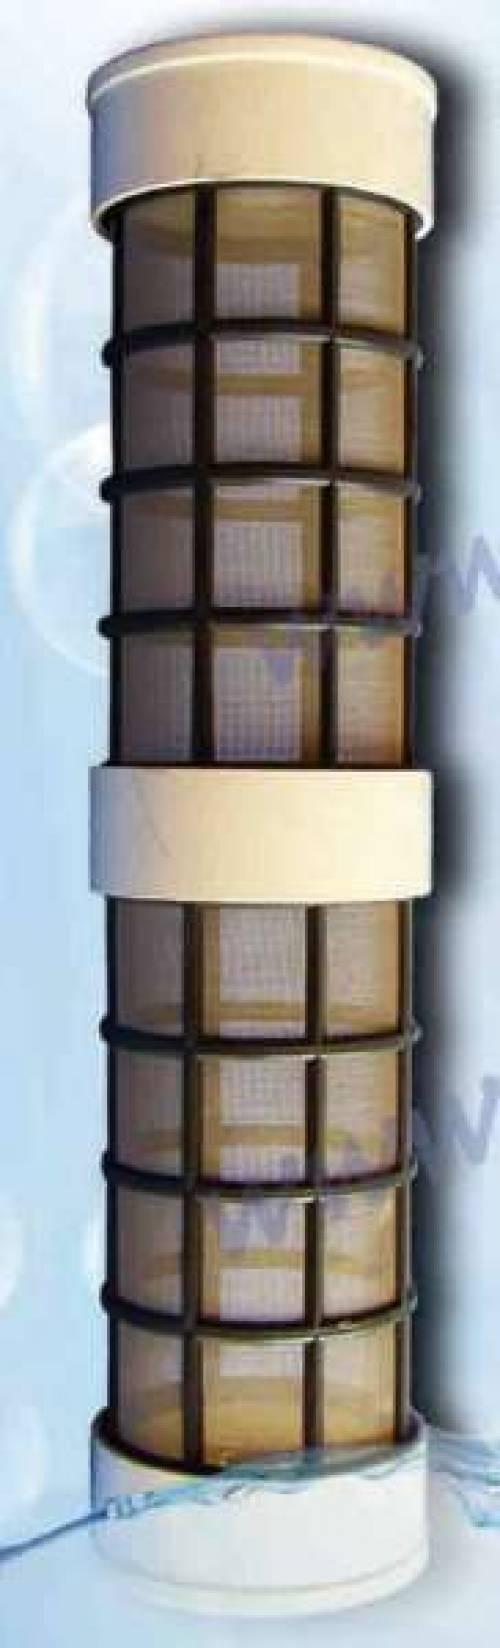 Vložka filtrační 100mic síto do BigBlue